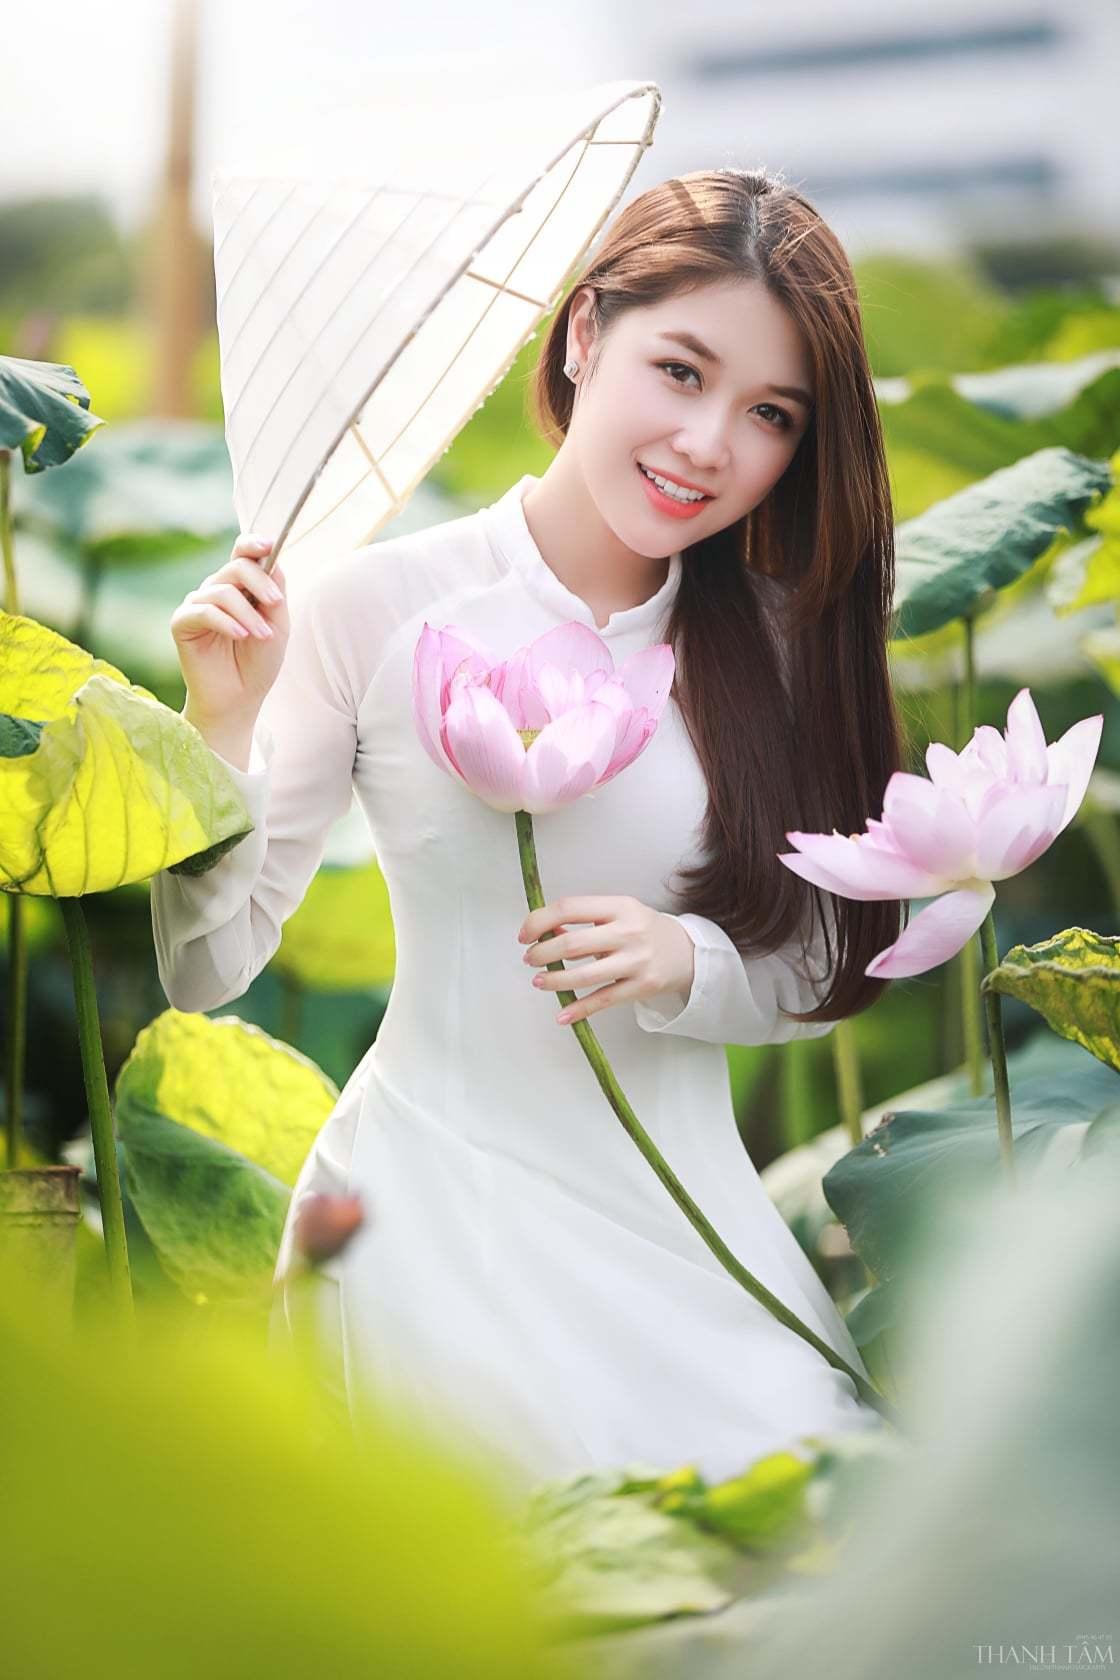 Chụp ảnh với hoa sen như các nàng thơ đang đốn tim cộng đồng mạng - Hình 4